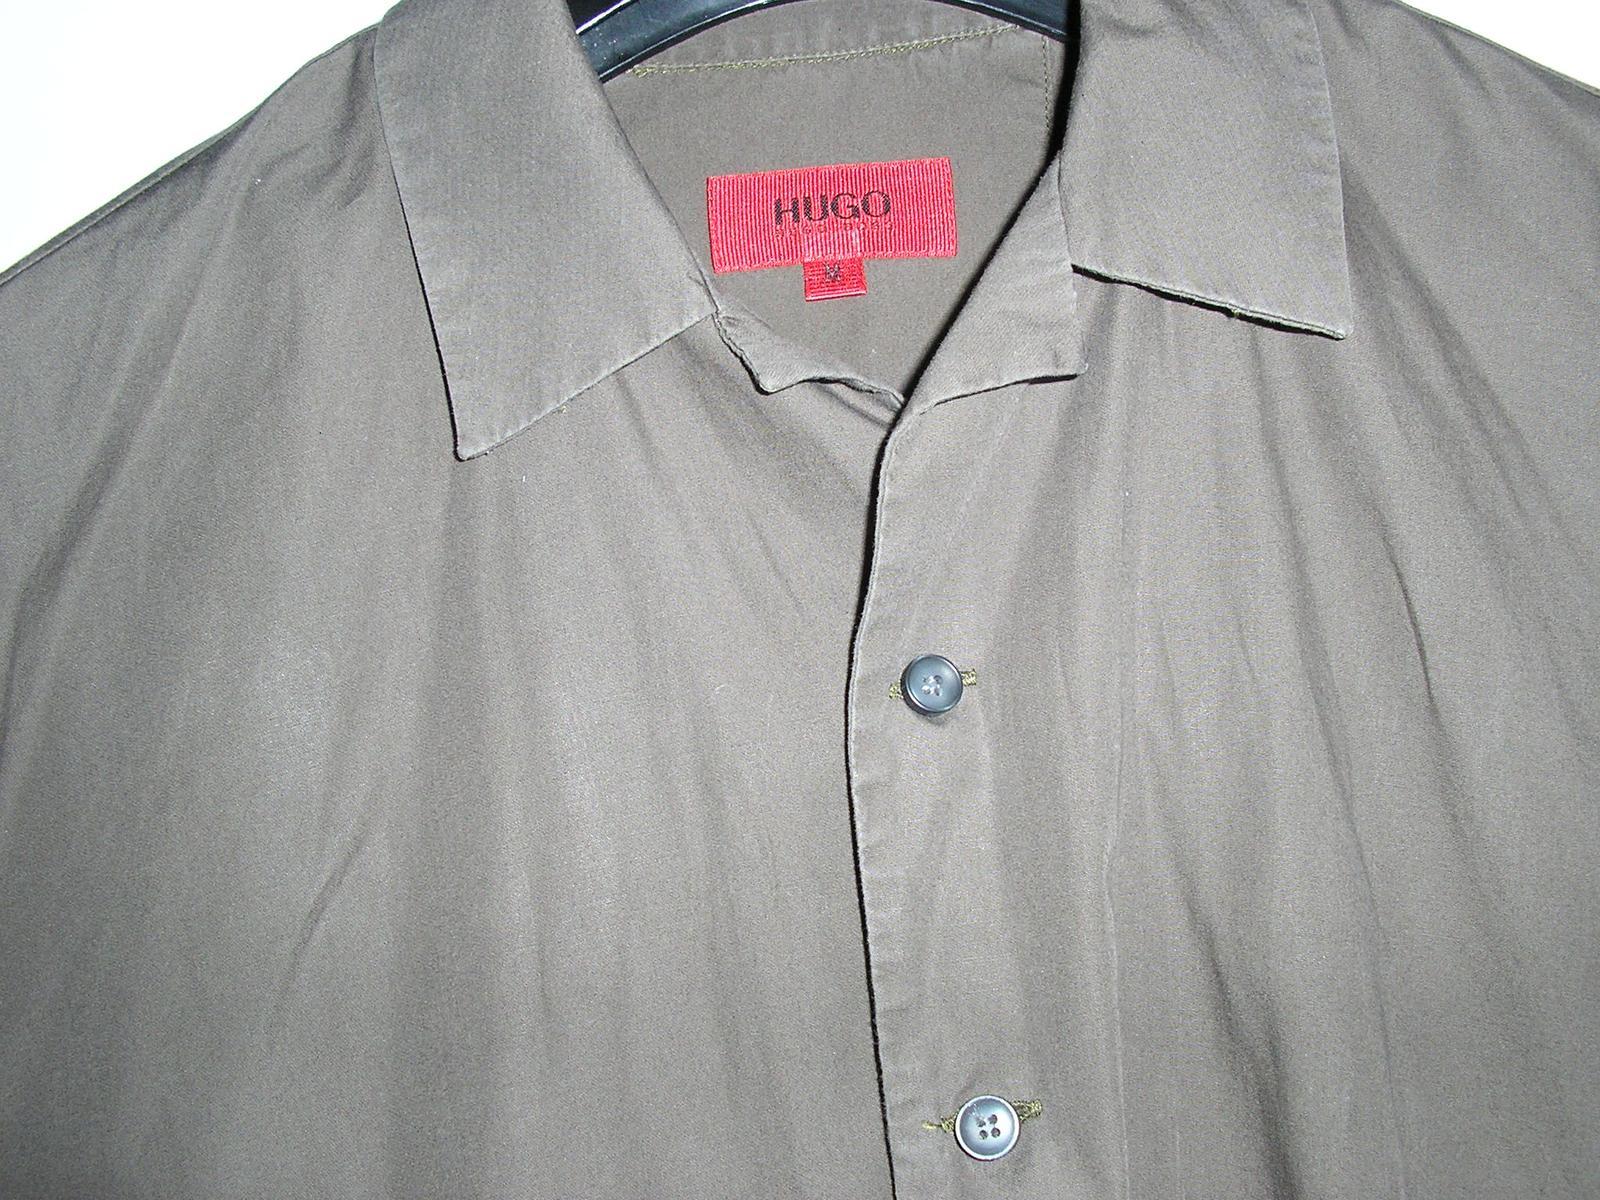 474. Pánska košeľa                              - Obrázok č. 2